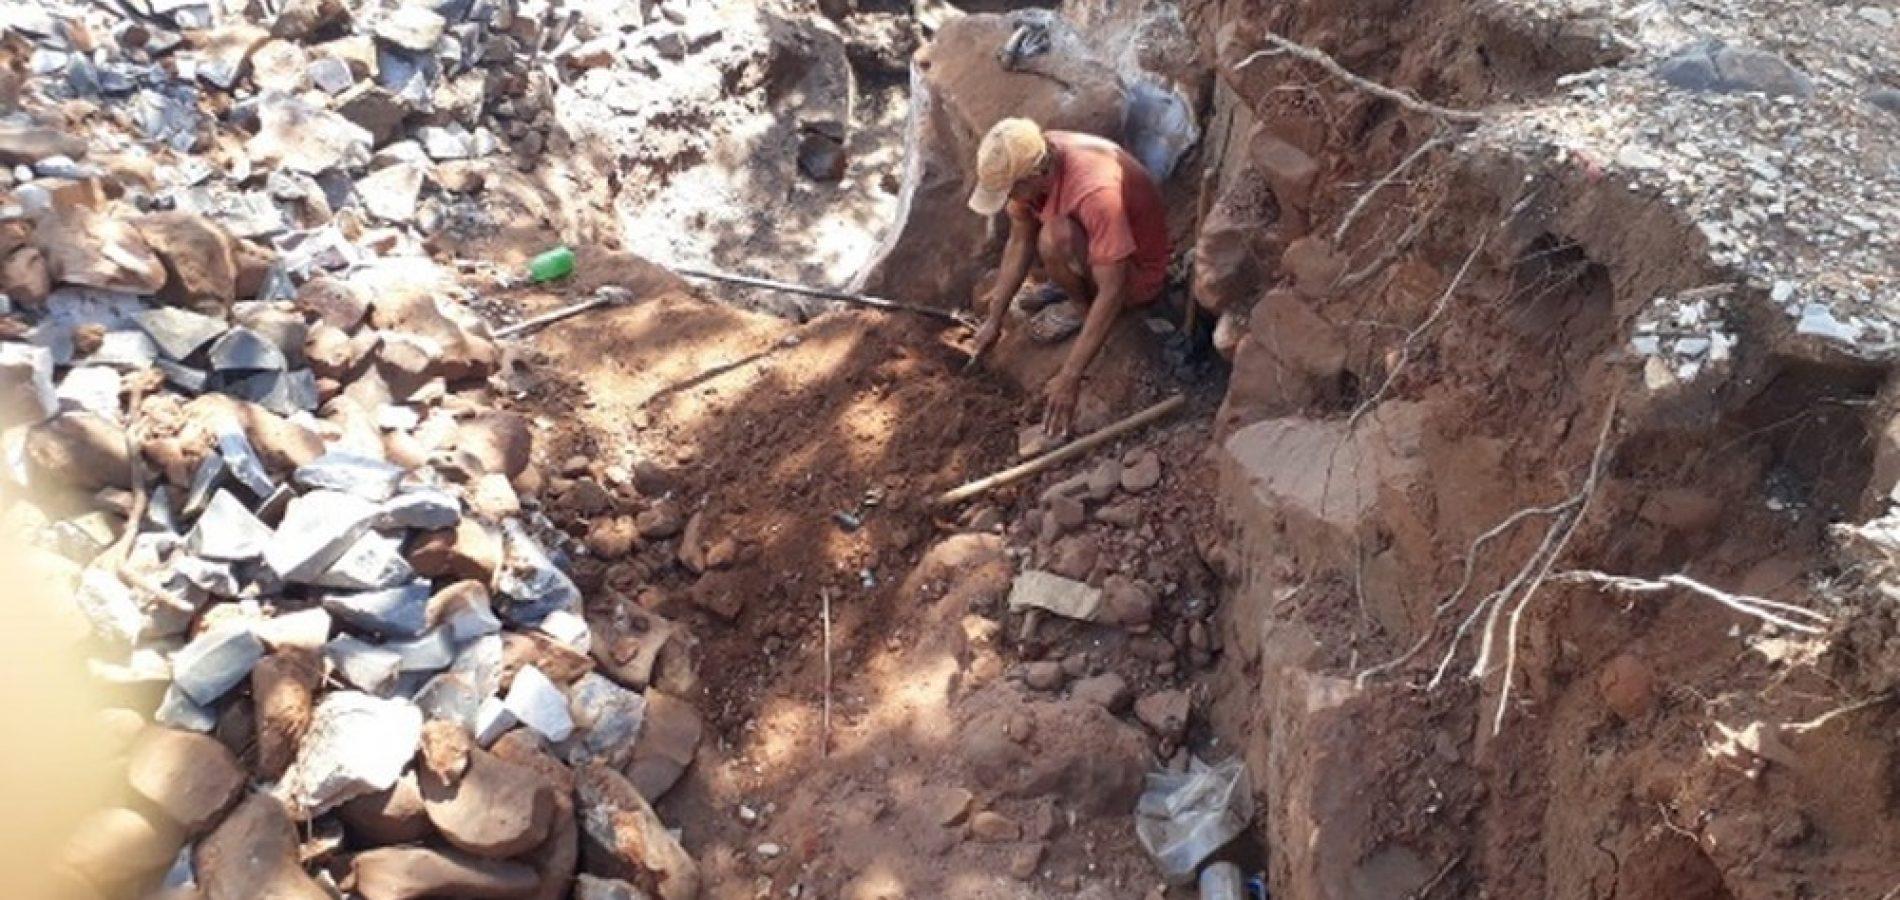 Trabalhadores em situação análoga à escravidão são resgatados de pedreira no Sul do Piauí